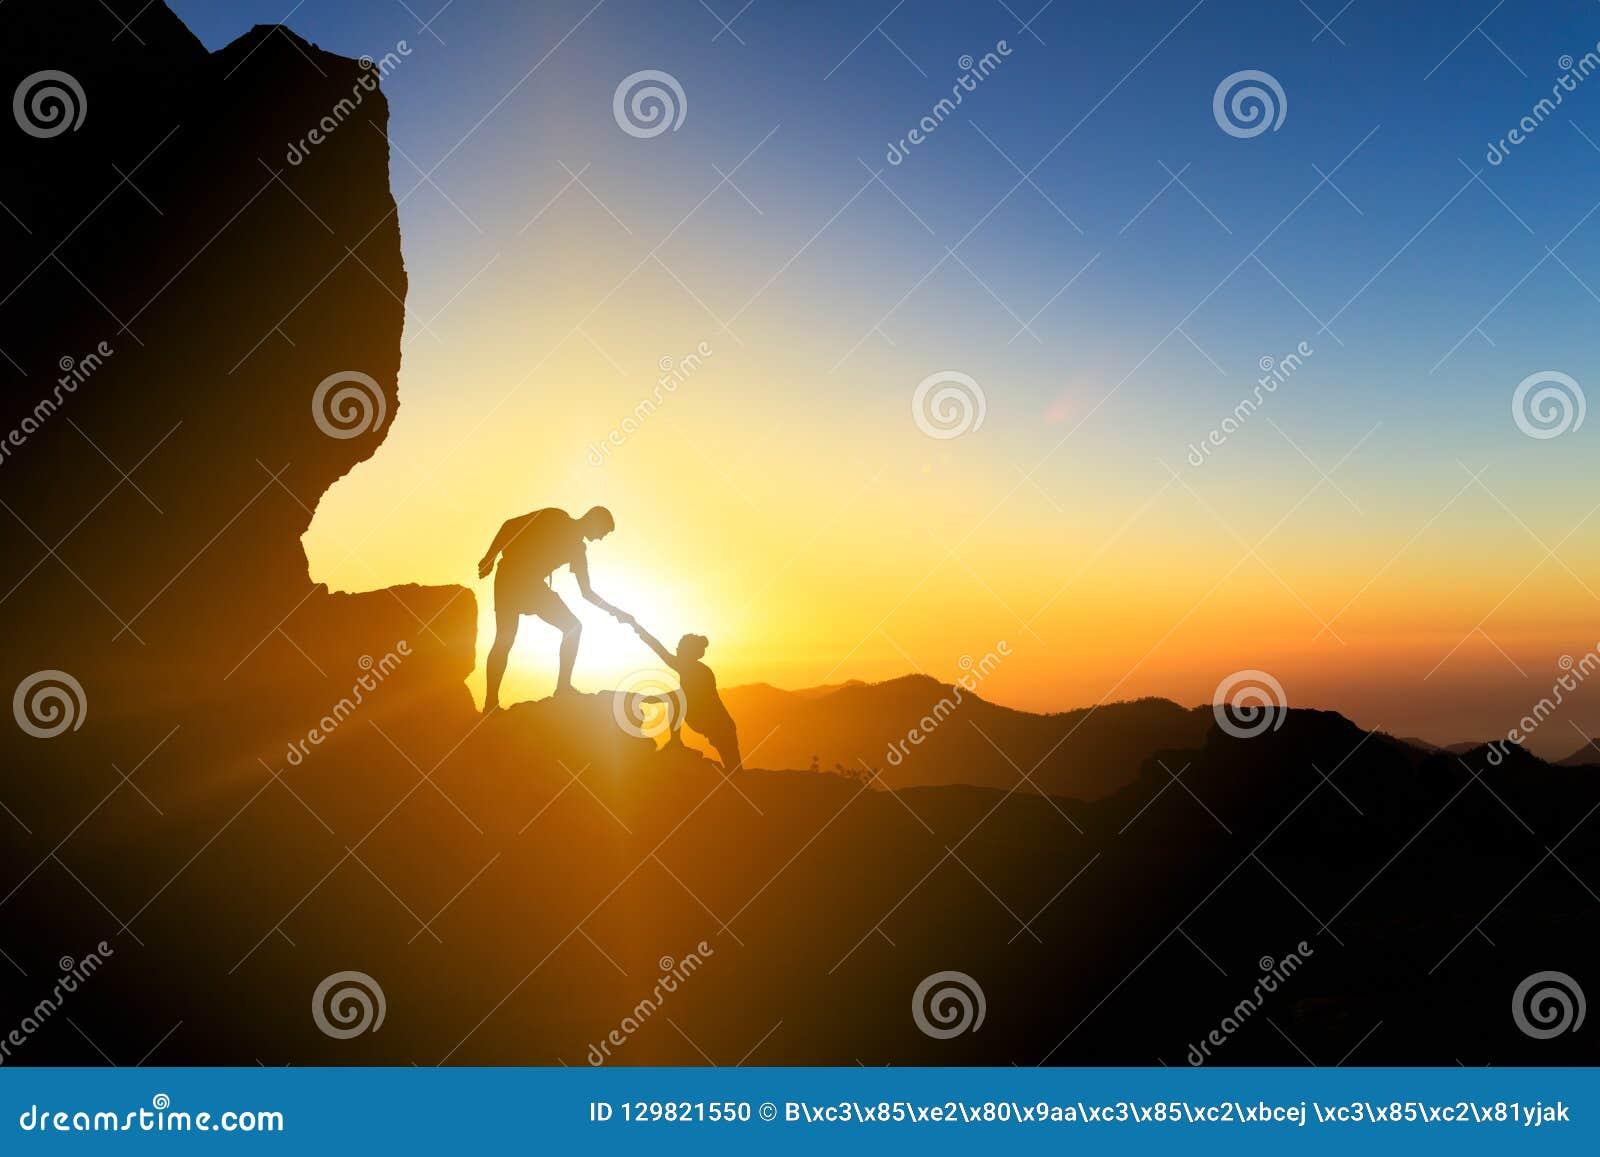 Pares de la mano amiga del trabajo en equipo que suben en la puesta del sol